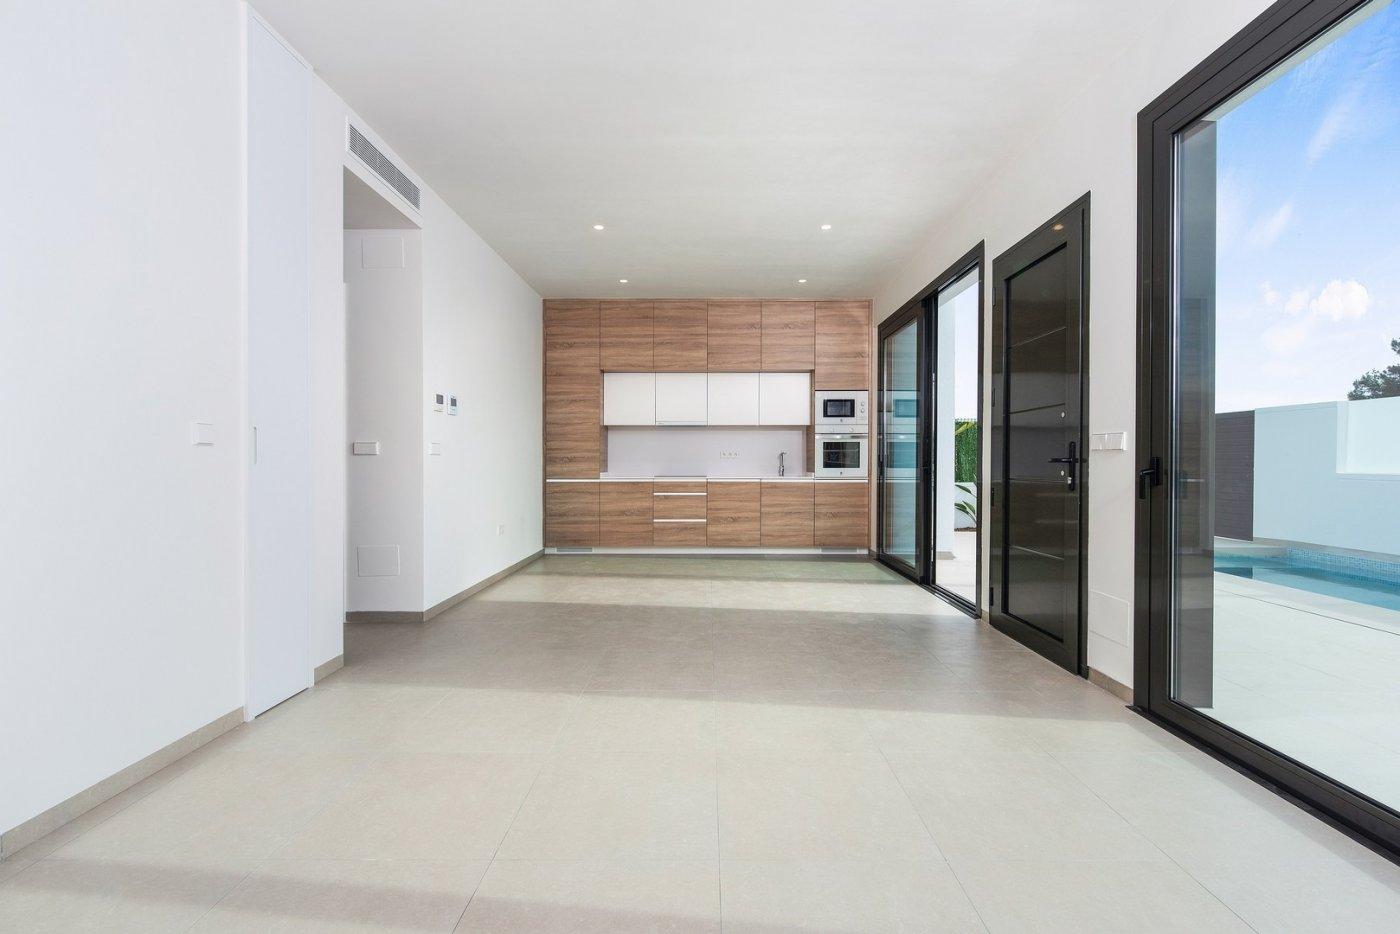 Villas nuevas con piscina privada y solarium a 700m de la playa !!! - imagenInmueble7